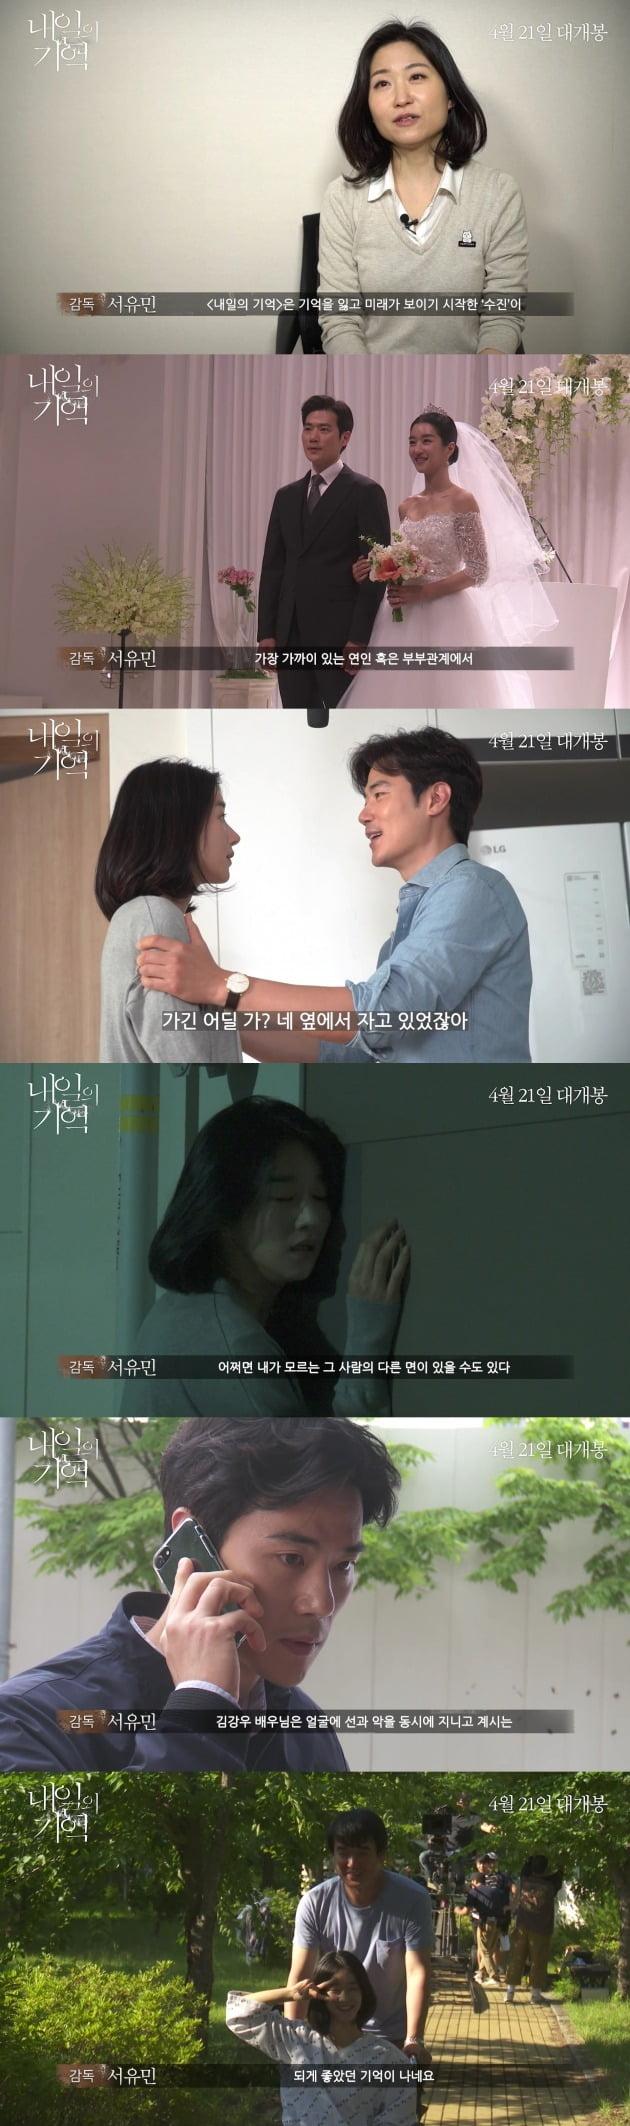 영화 '내일의 기억' 제작기 영상 캡처 / 사진제공=아이필름 코퍼레이션